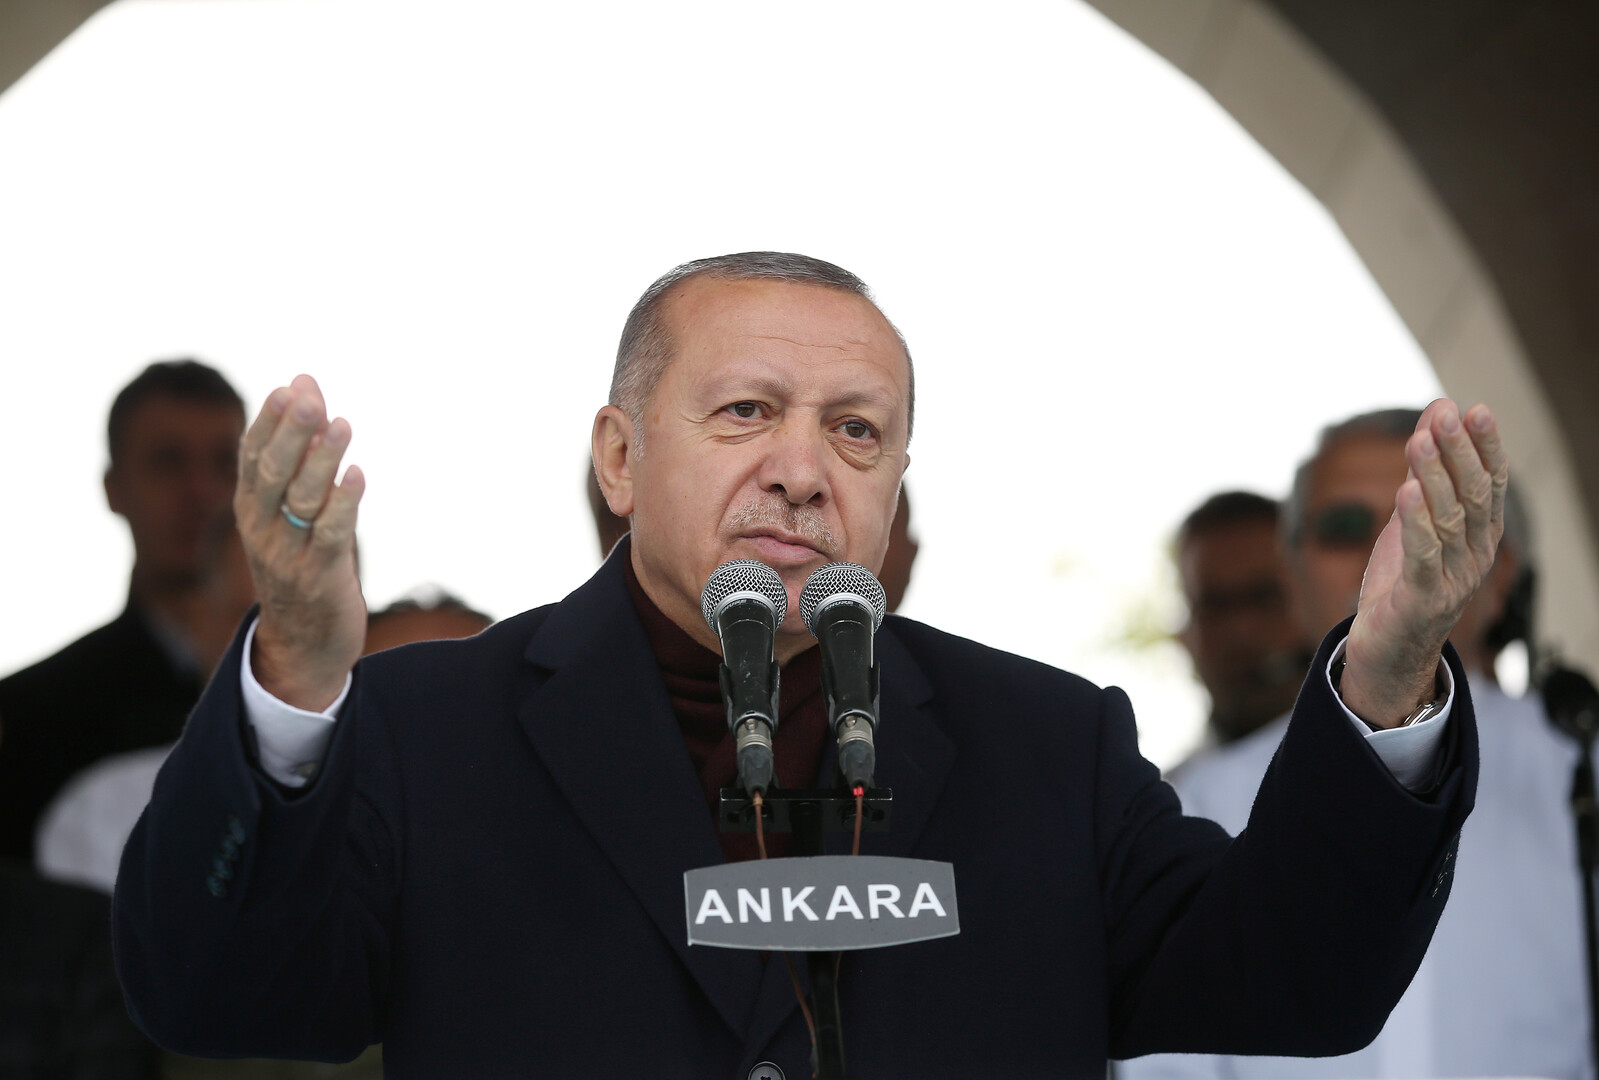 أردوغان: المشكلة لا تكمن في الشعوب العربية وإنما في بعض حكامها